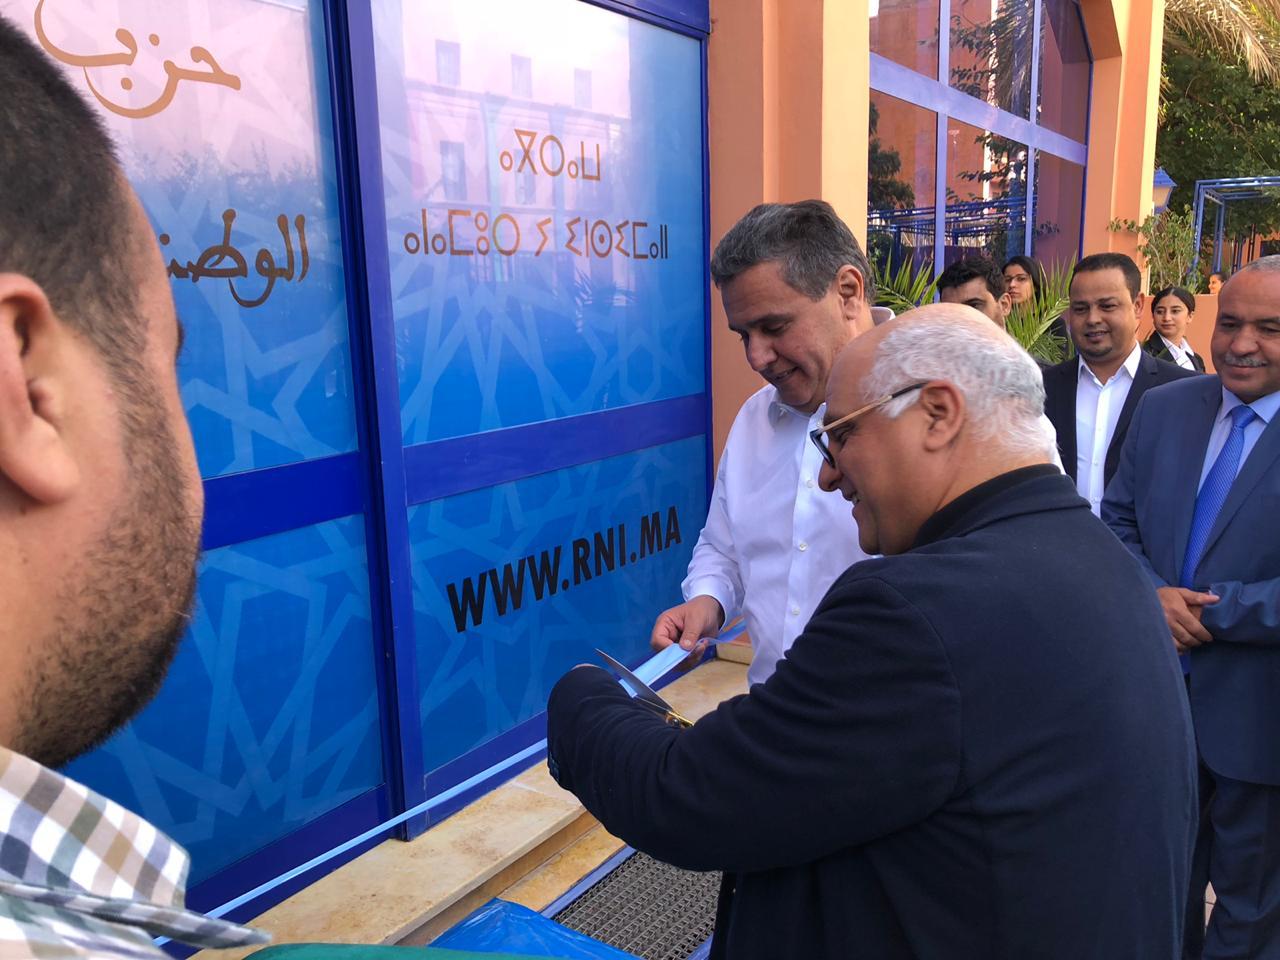 جهة مراكش آسفي | 90% نسبة تغطية 'الأحرار' لانتخابات الغرف المهنية